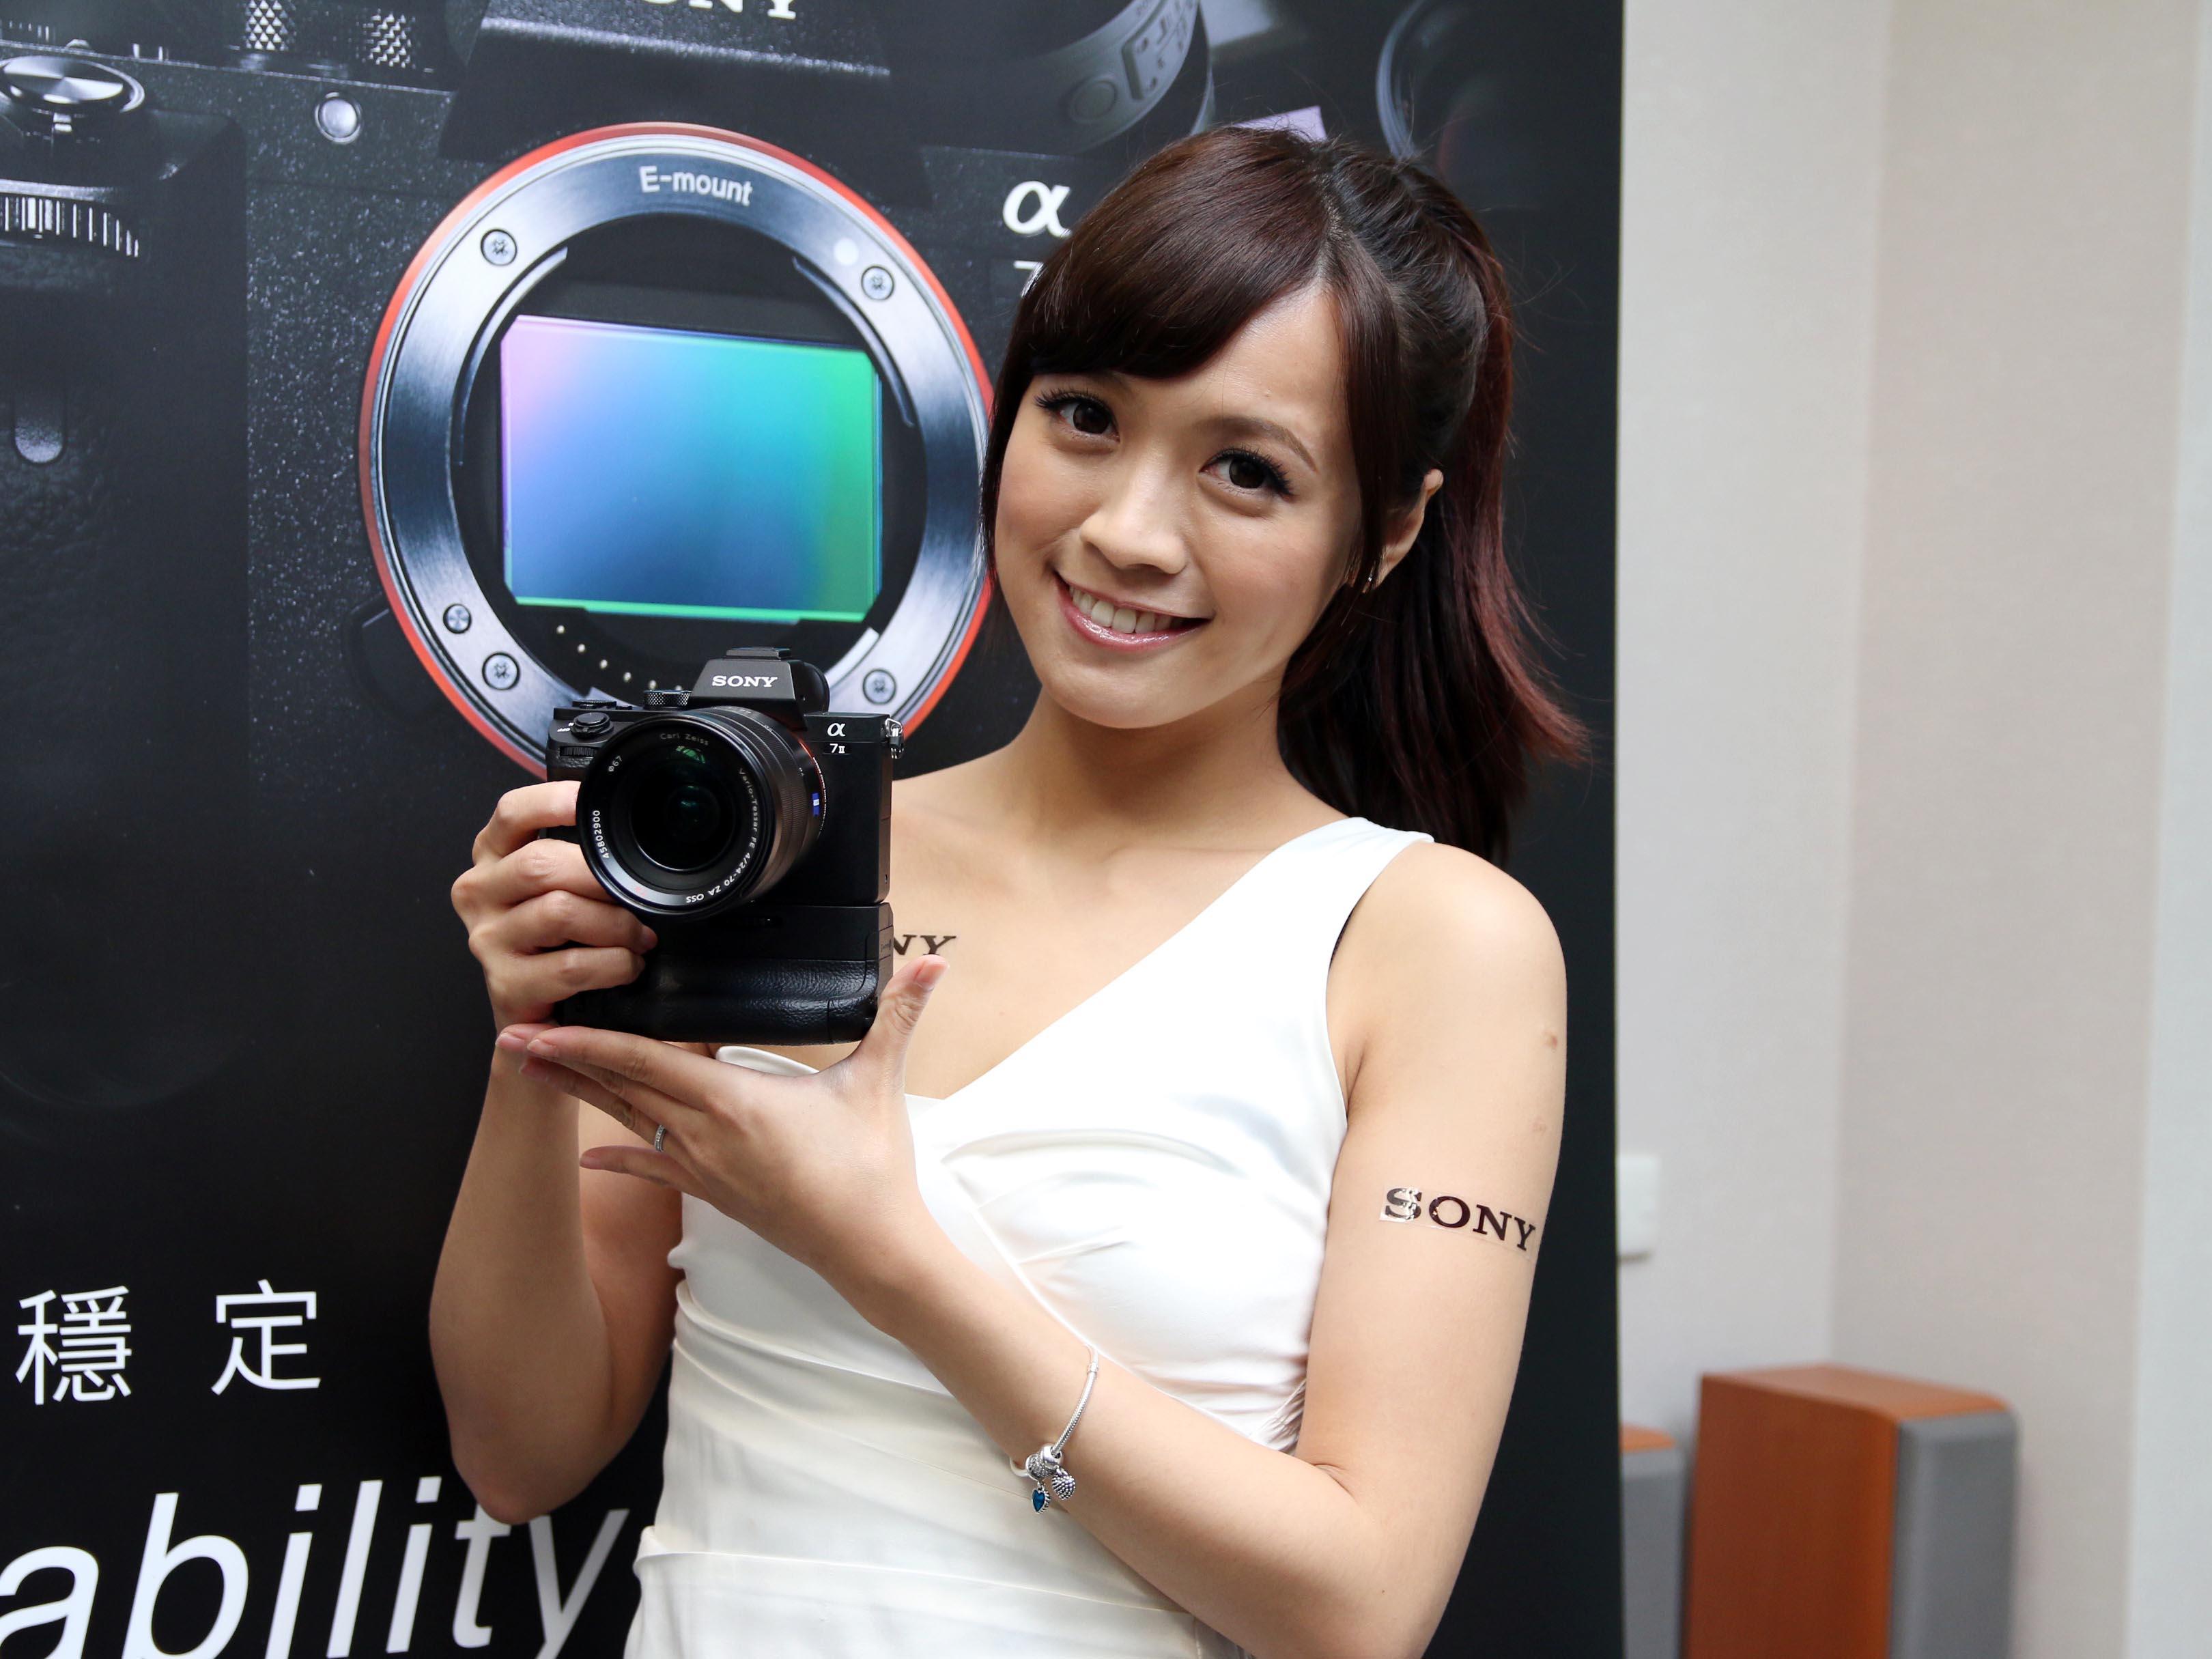 Sony A7 II  正式發表:首創全片幅五軸防震、117 點自動對焦